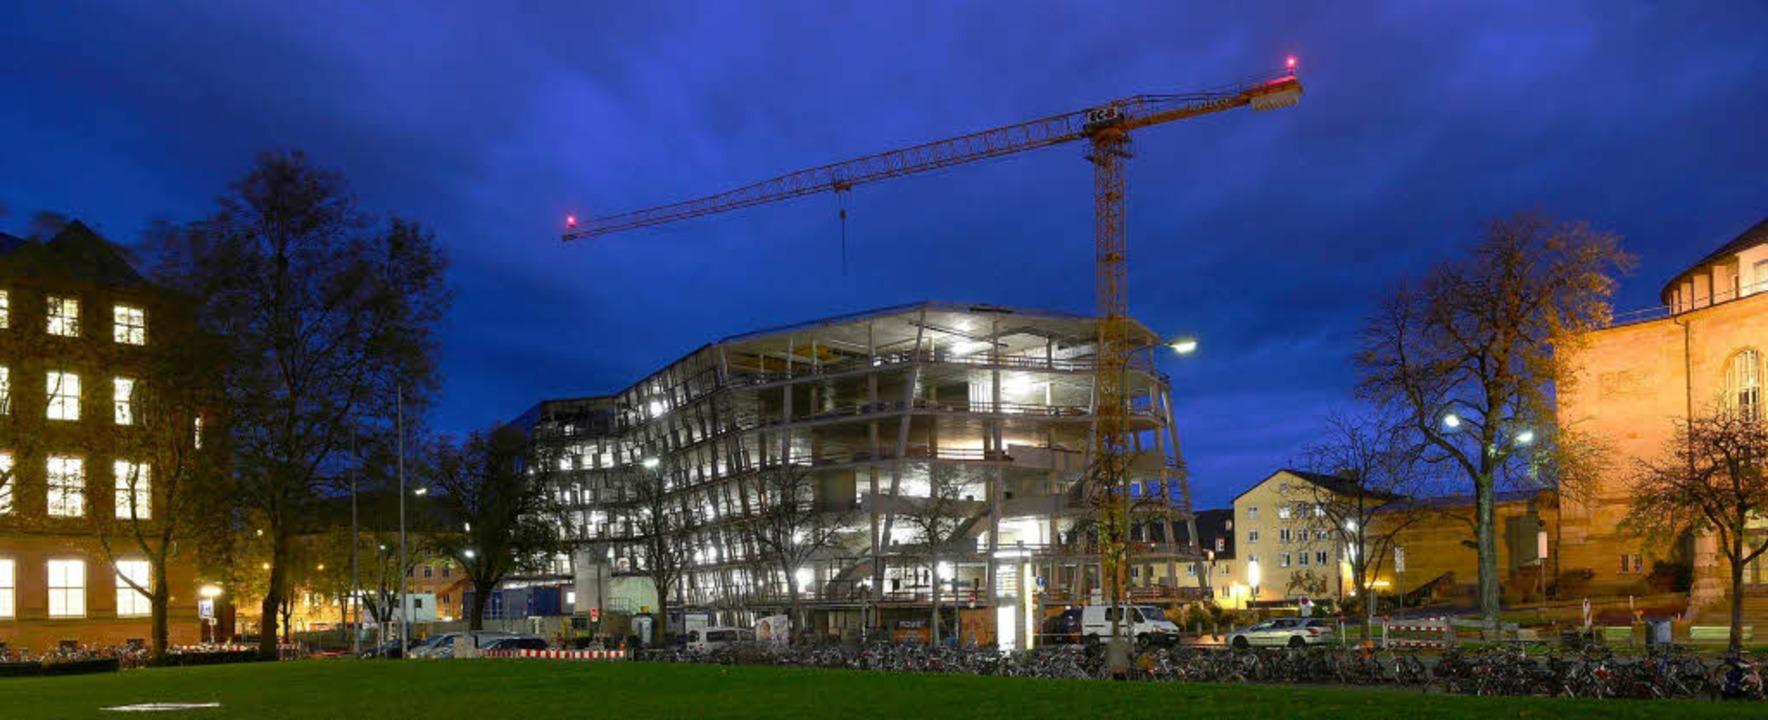 Funkelnde Baustelle: Nachts ist die Unibibliothek innen hell erleuchtet.  | Foto: Ingo Schneider